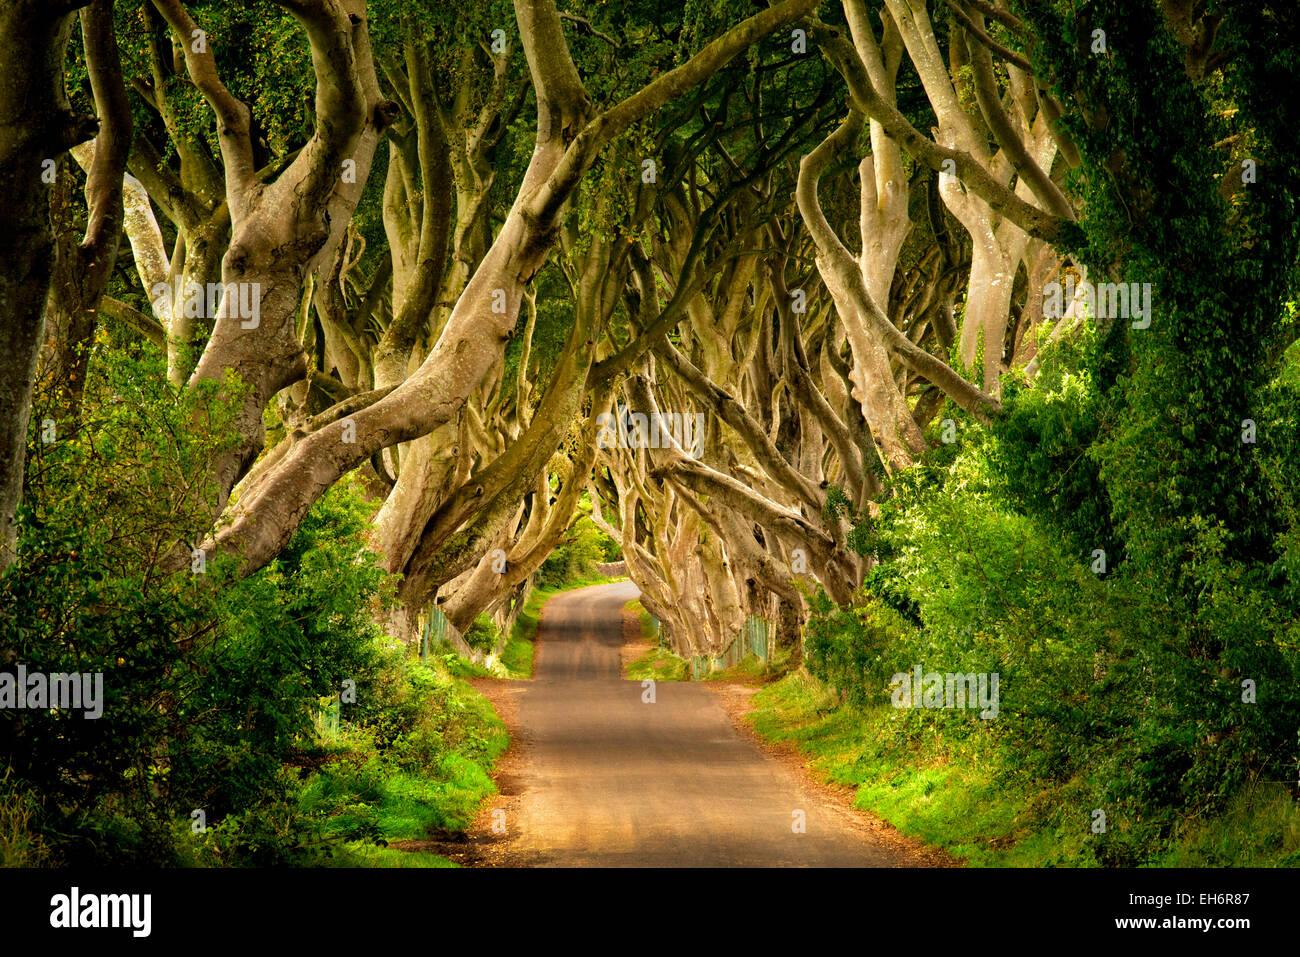 Die dunklen Hecken. Ländliche Buche von Bäumen gesäumten Straße in Irland. Stockbild